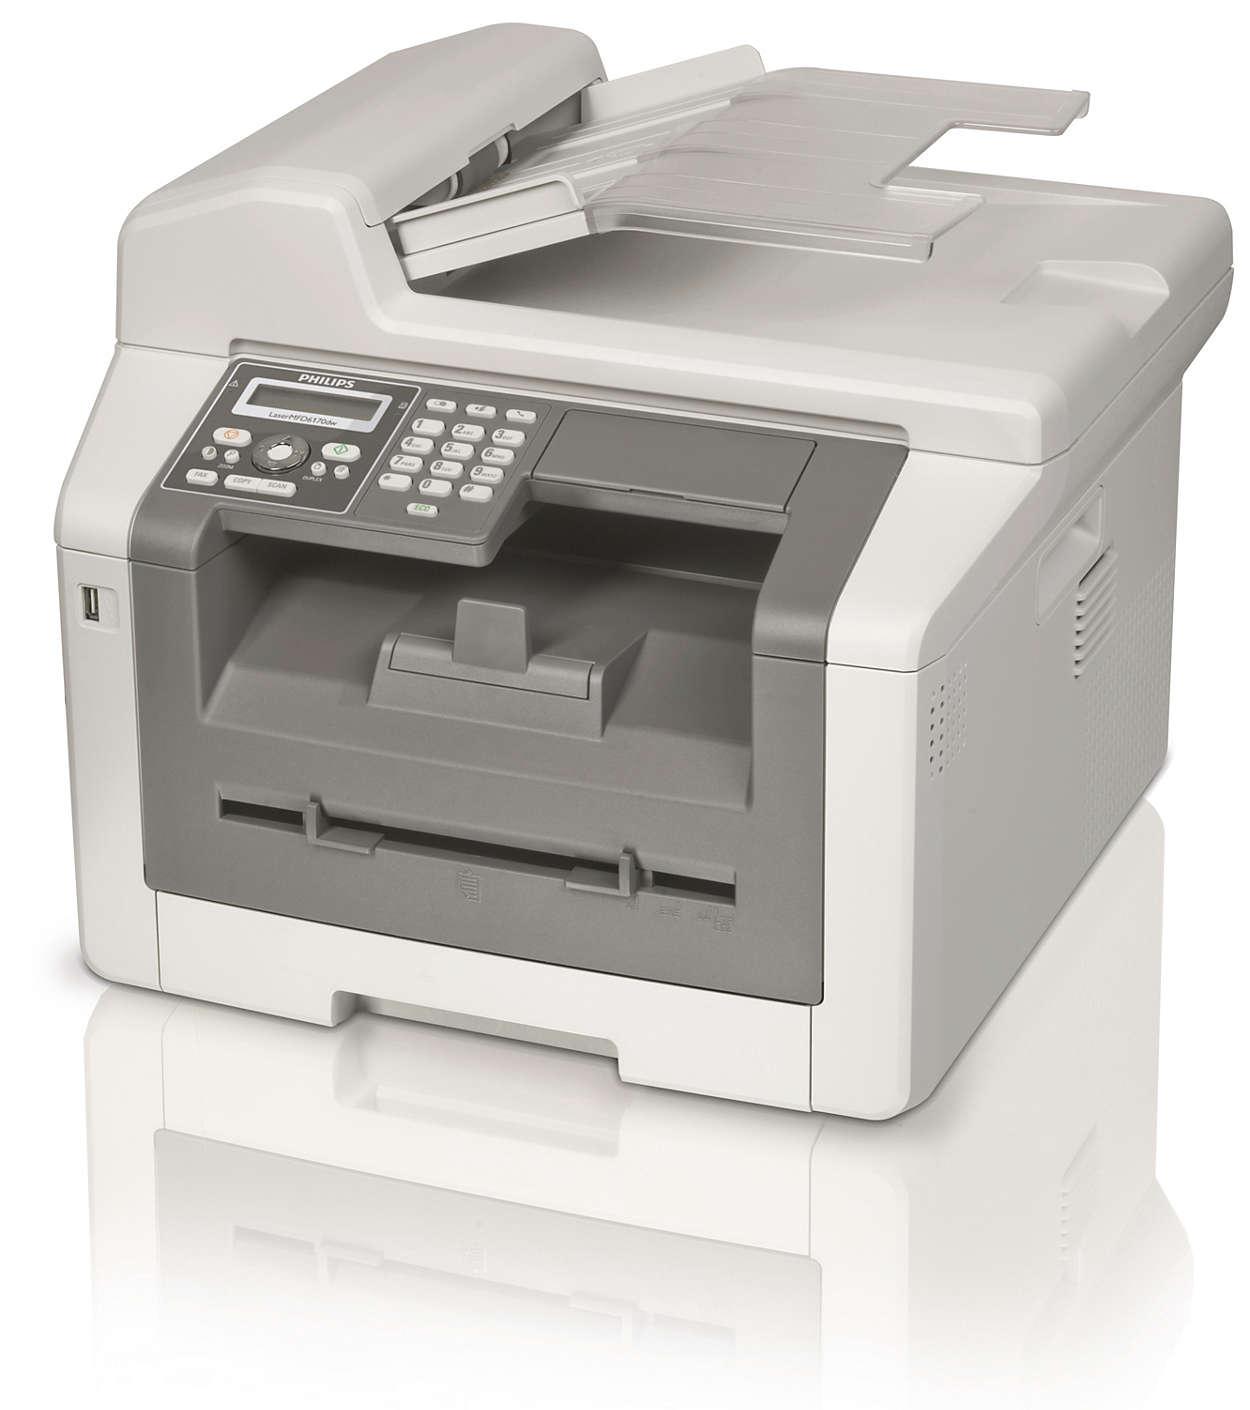 Faks, WLAN, kopi og utskrift med laser og dobbeltsidig